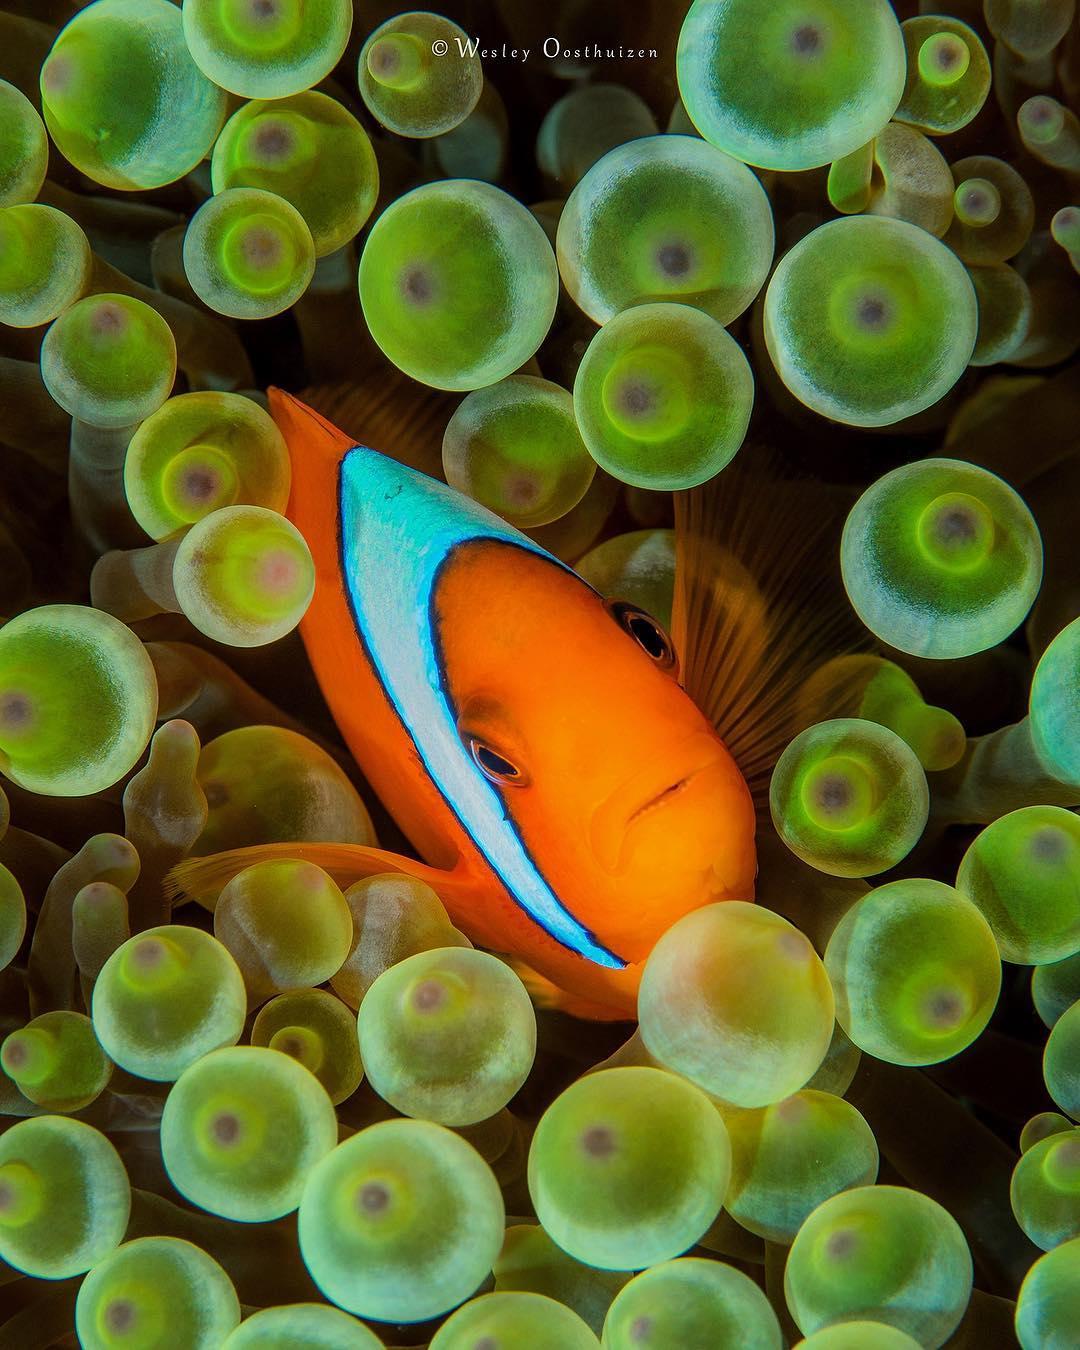 Wesley Oosthuizen Art, Underwater Photography